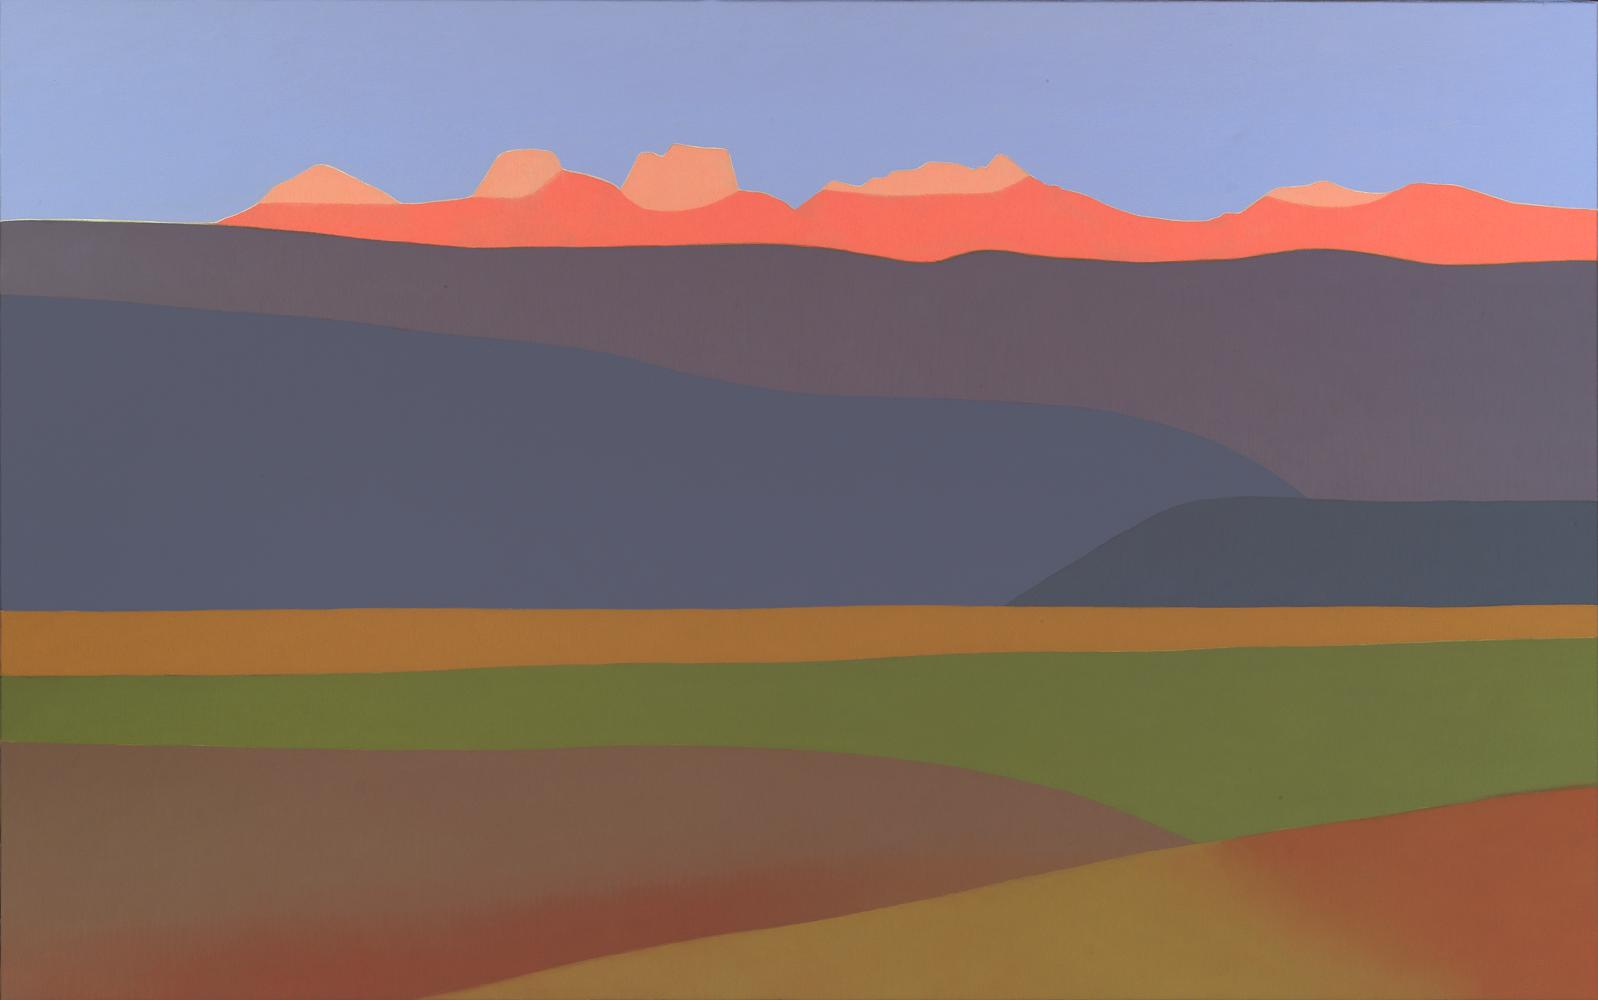 Pirineos, 81 x 130 cm, óleo lienzo, 2006.